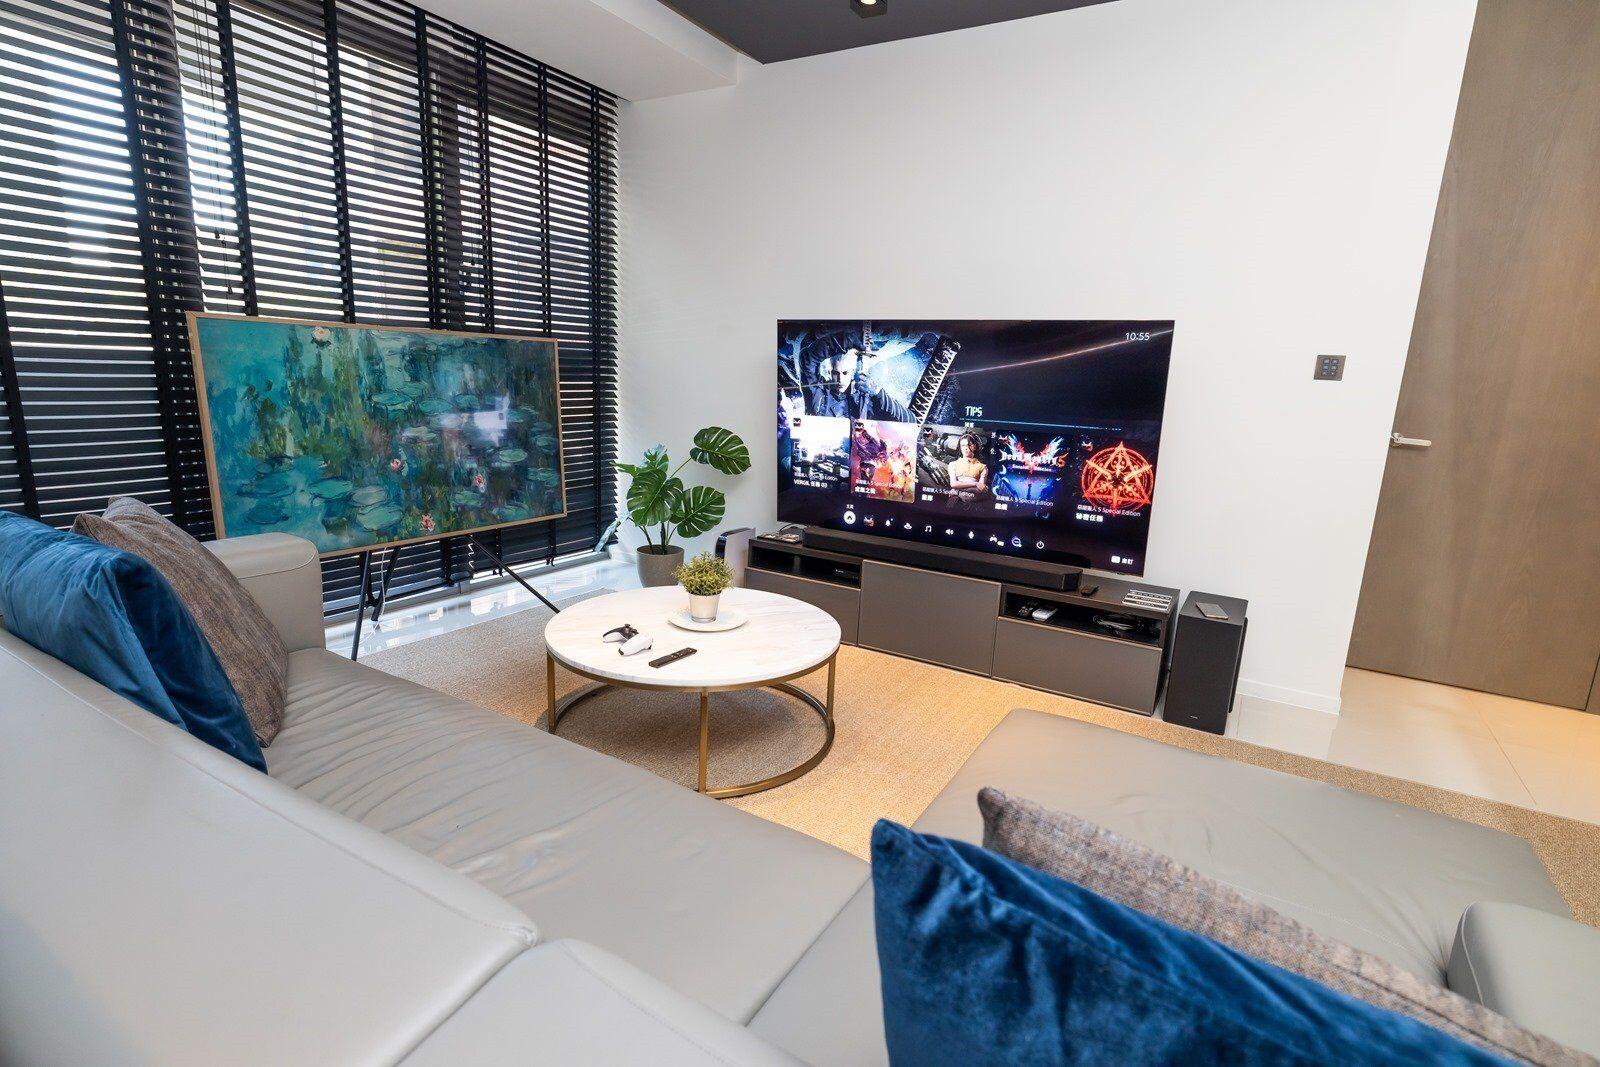 開創全新科技生活未來,三星 Samsung 電視遠遠超越想像,不論是誰都能找到最棒的生活夥伴! @3C 達人廖阿輝